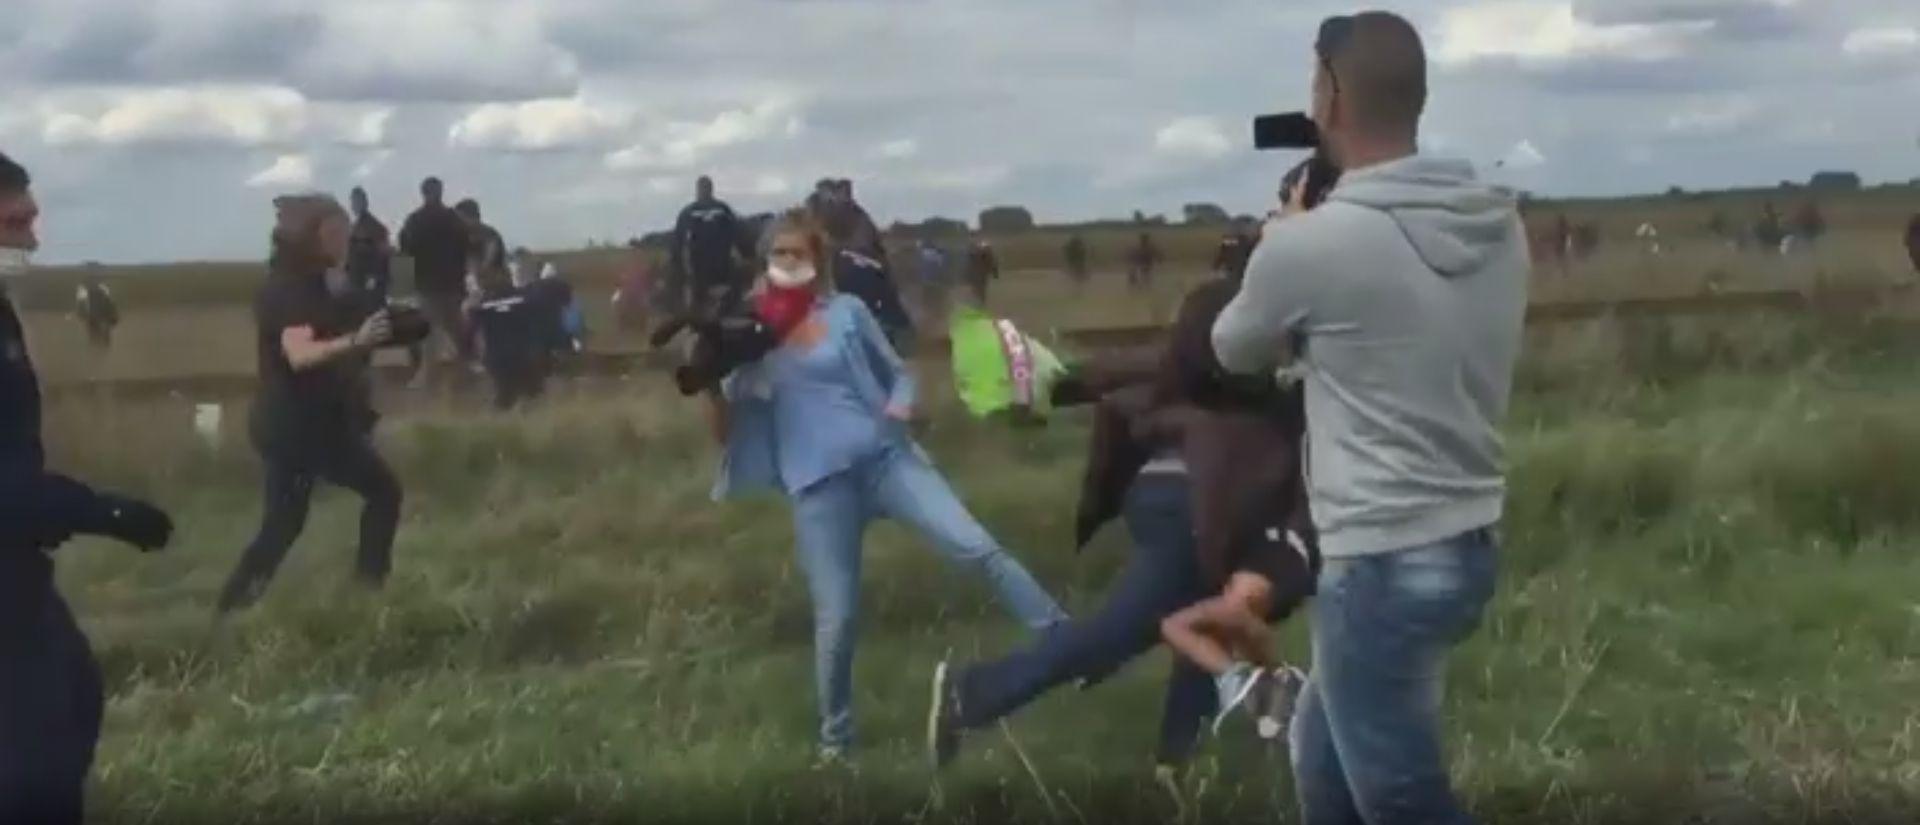 Mađarska snimateljica koja je udarala migrante osuđena uvjetno na tri godine